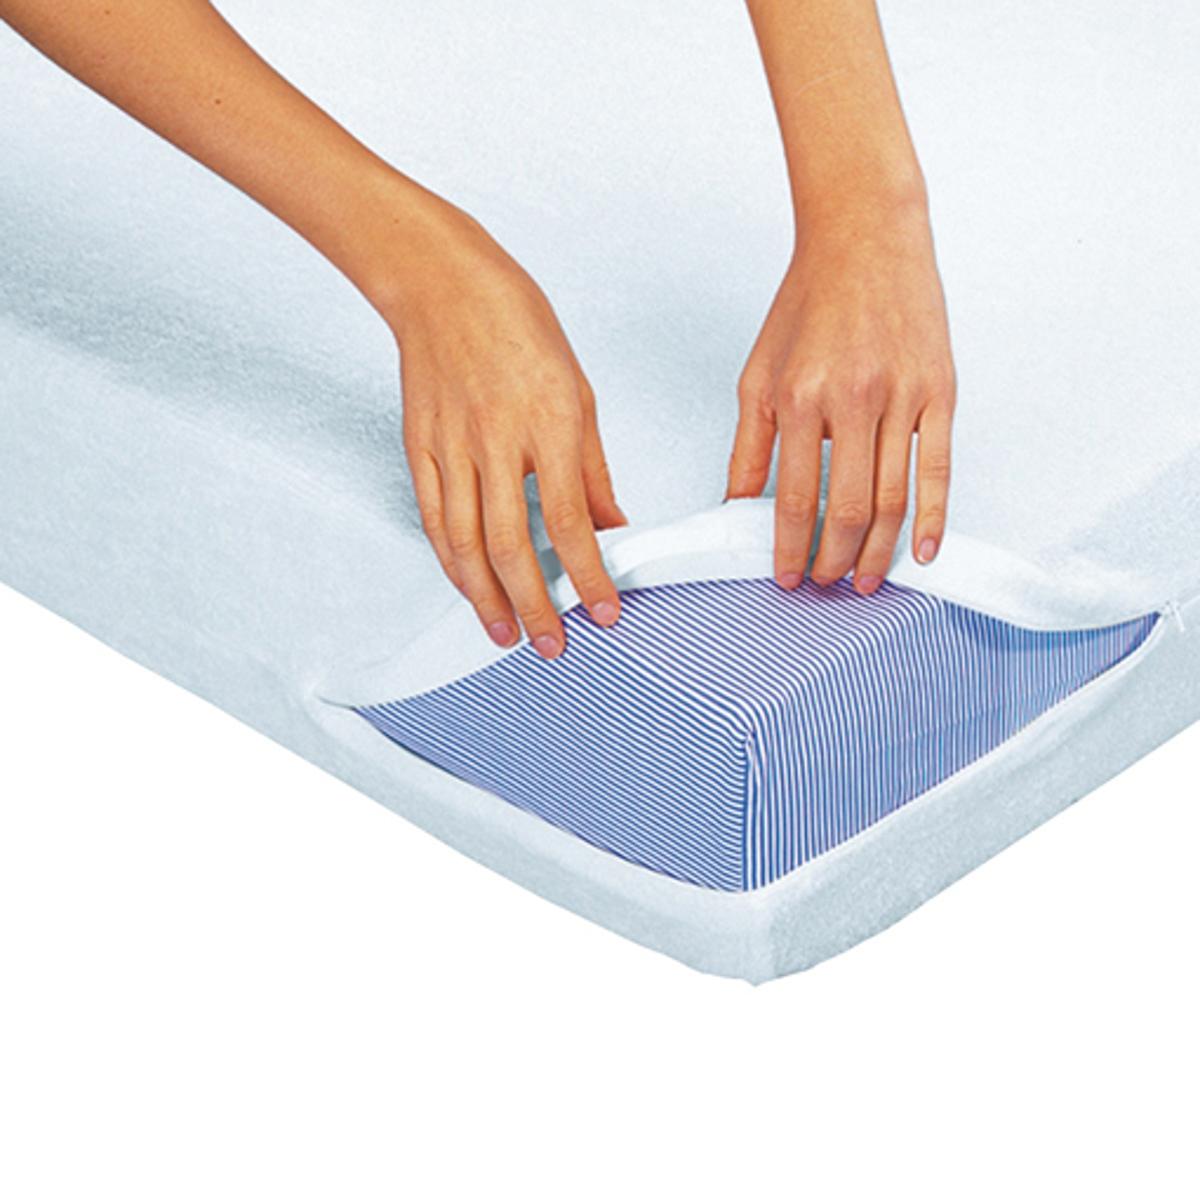 Наматрасник La Redoute Цельный из махровой ткани с противомикробной обработкой BI-OME 160 x 200 см белый чехол защитный на подушку из махровой ткани с противомикробной обработкой